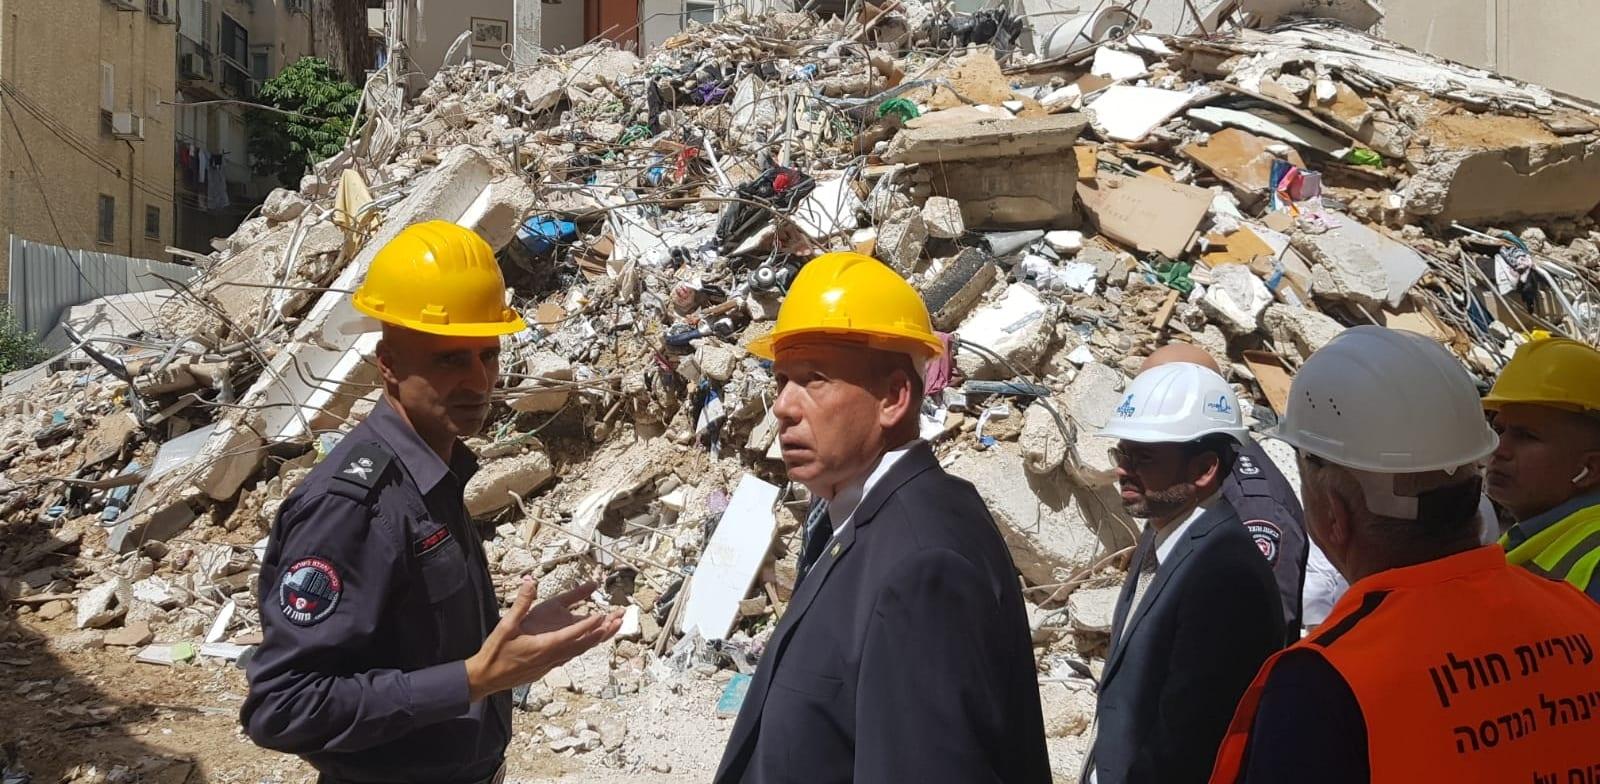 מבקר המדינה בסיור באתר הבניין שקרס בחולון. פינוי-בינוי לא מתאים לבניין כזה / צילום: דוברות מחוז דן